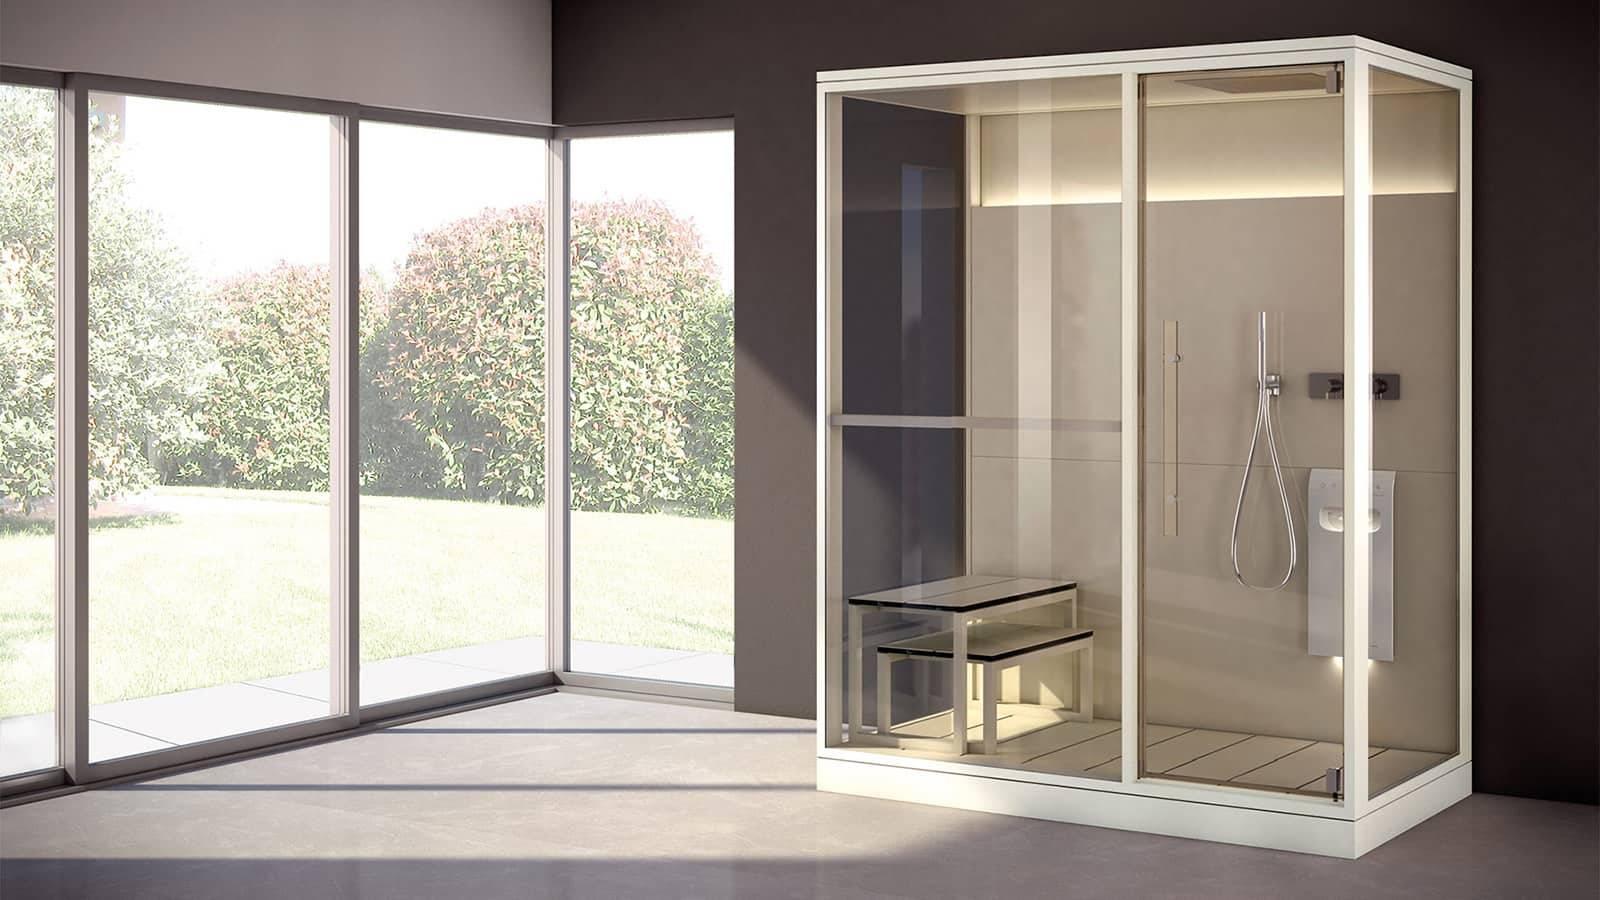 design eenpersoons stoomcabine op maat voor badkamer of wellness thuis effegibi H